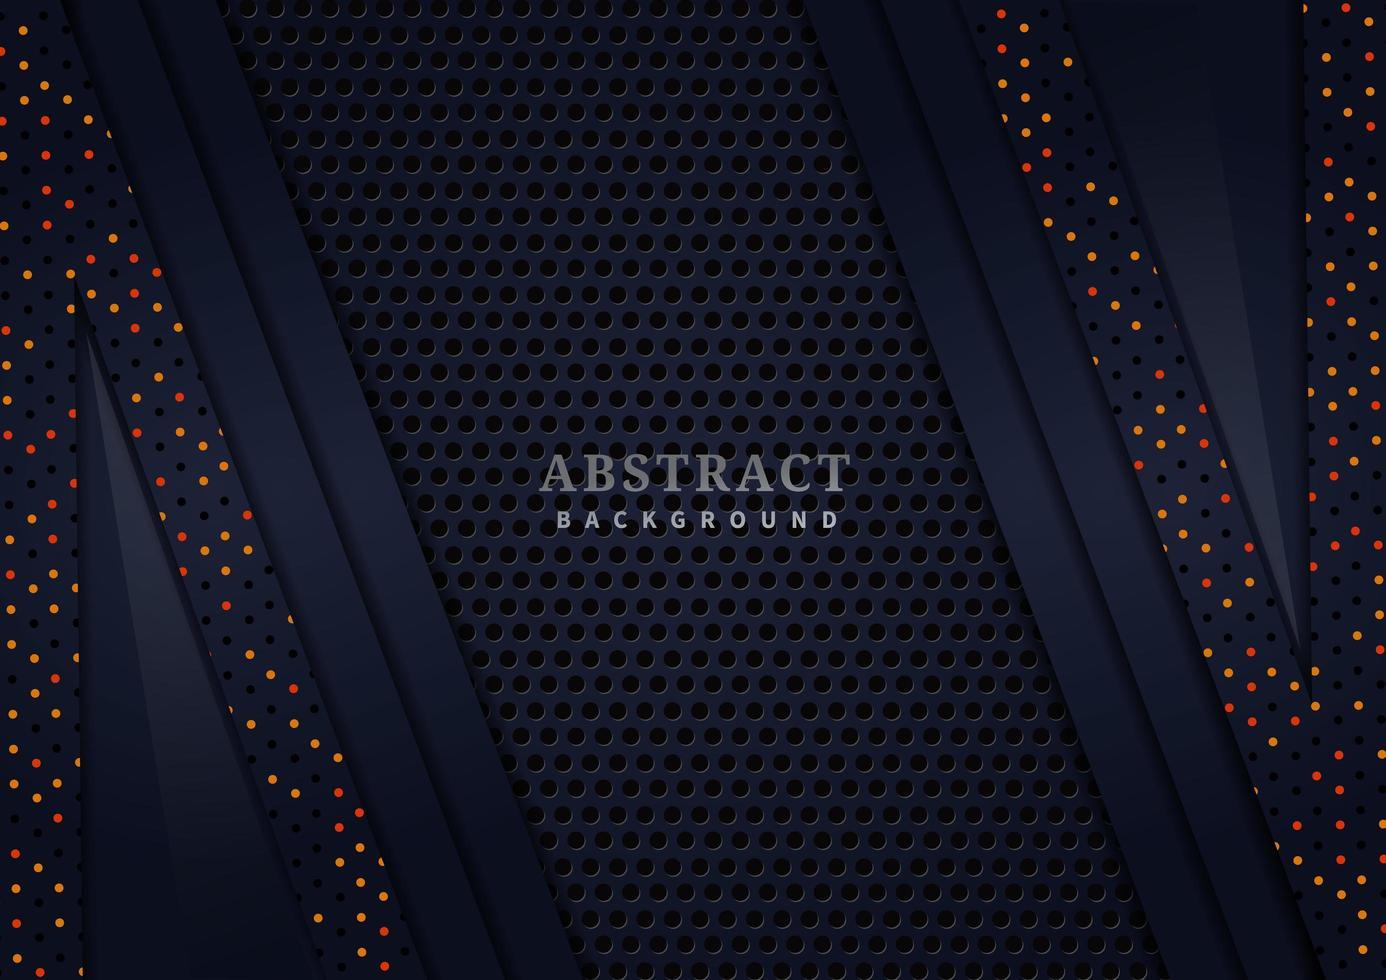 strukturierter abstrakter dunkler geschichteter Hintergrund mit Glitzerpunkten vektor